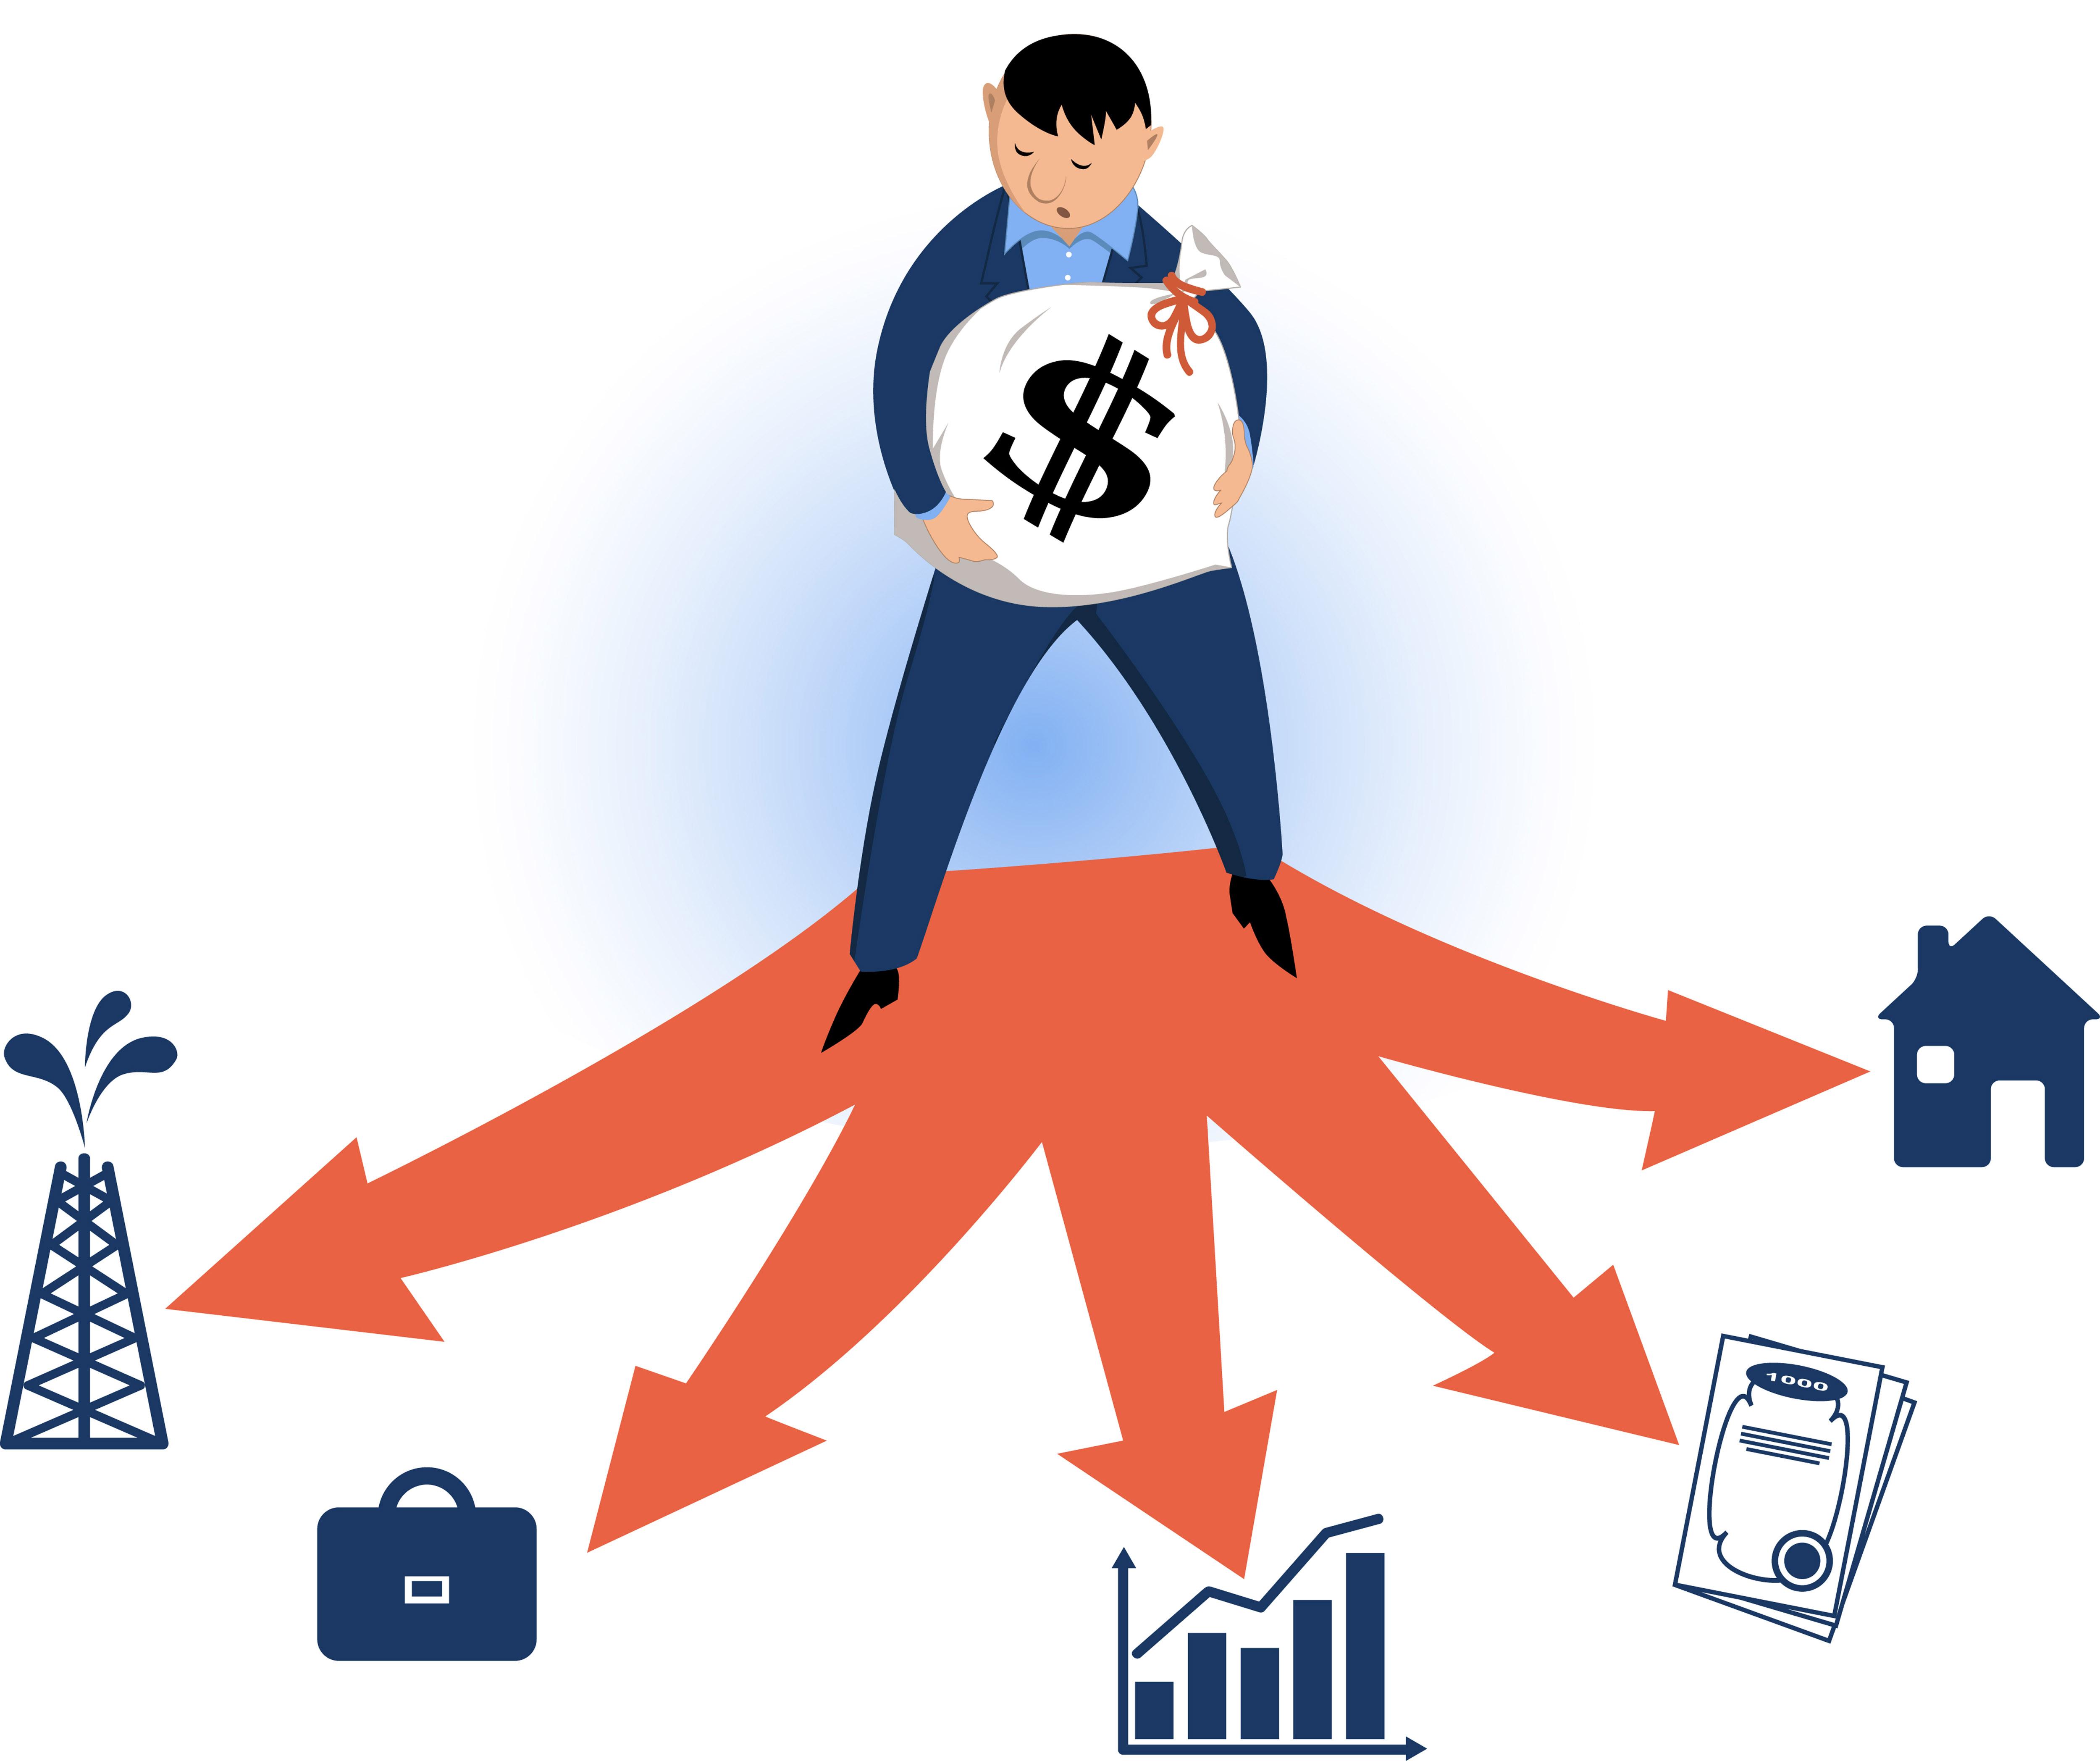 Opciones de compra de acciones Derecho de adquirir acciones con o sin costo, otorgada a todos los empleados de la compañía. Derecho de adquirir acciones con un descuento, otorgada sólo a ciertos empleados de la compañía con ciertos requisitos.